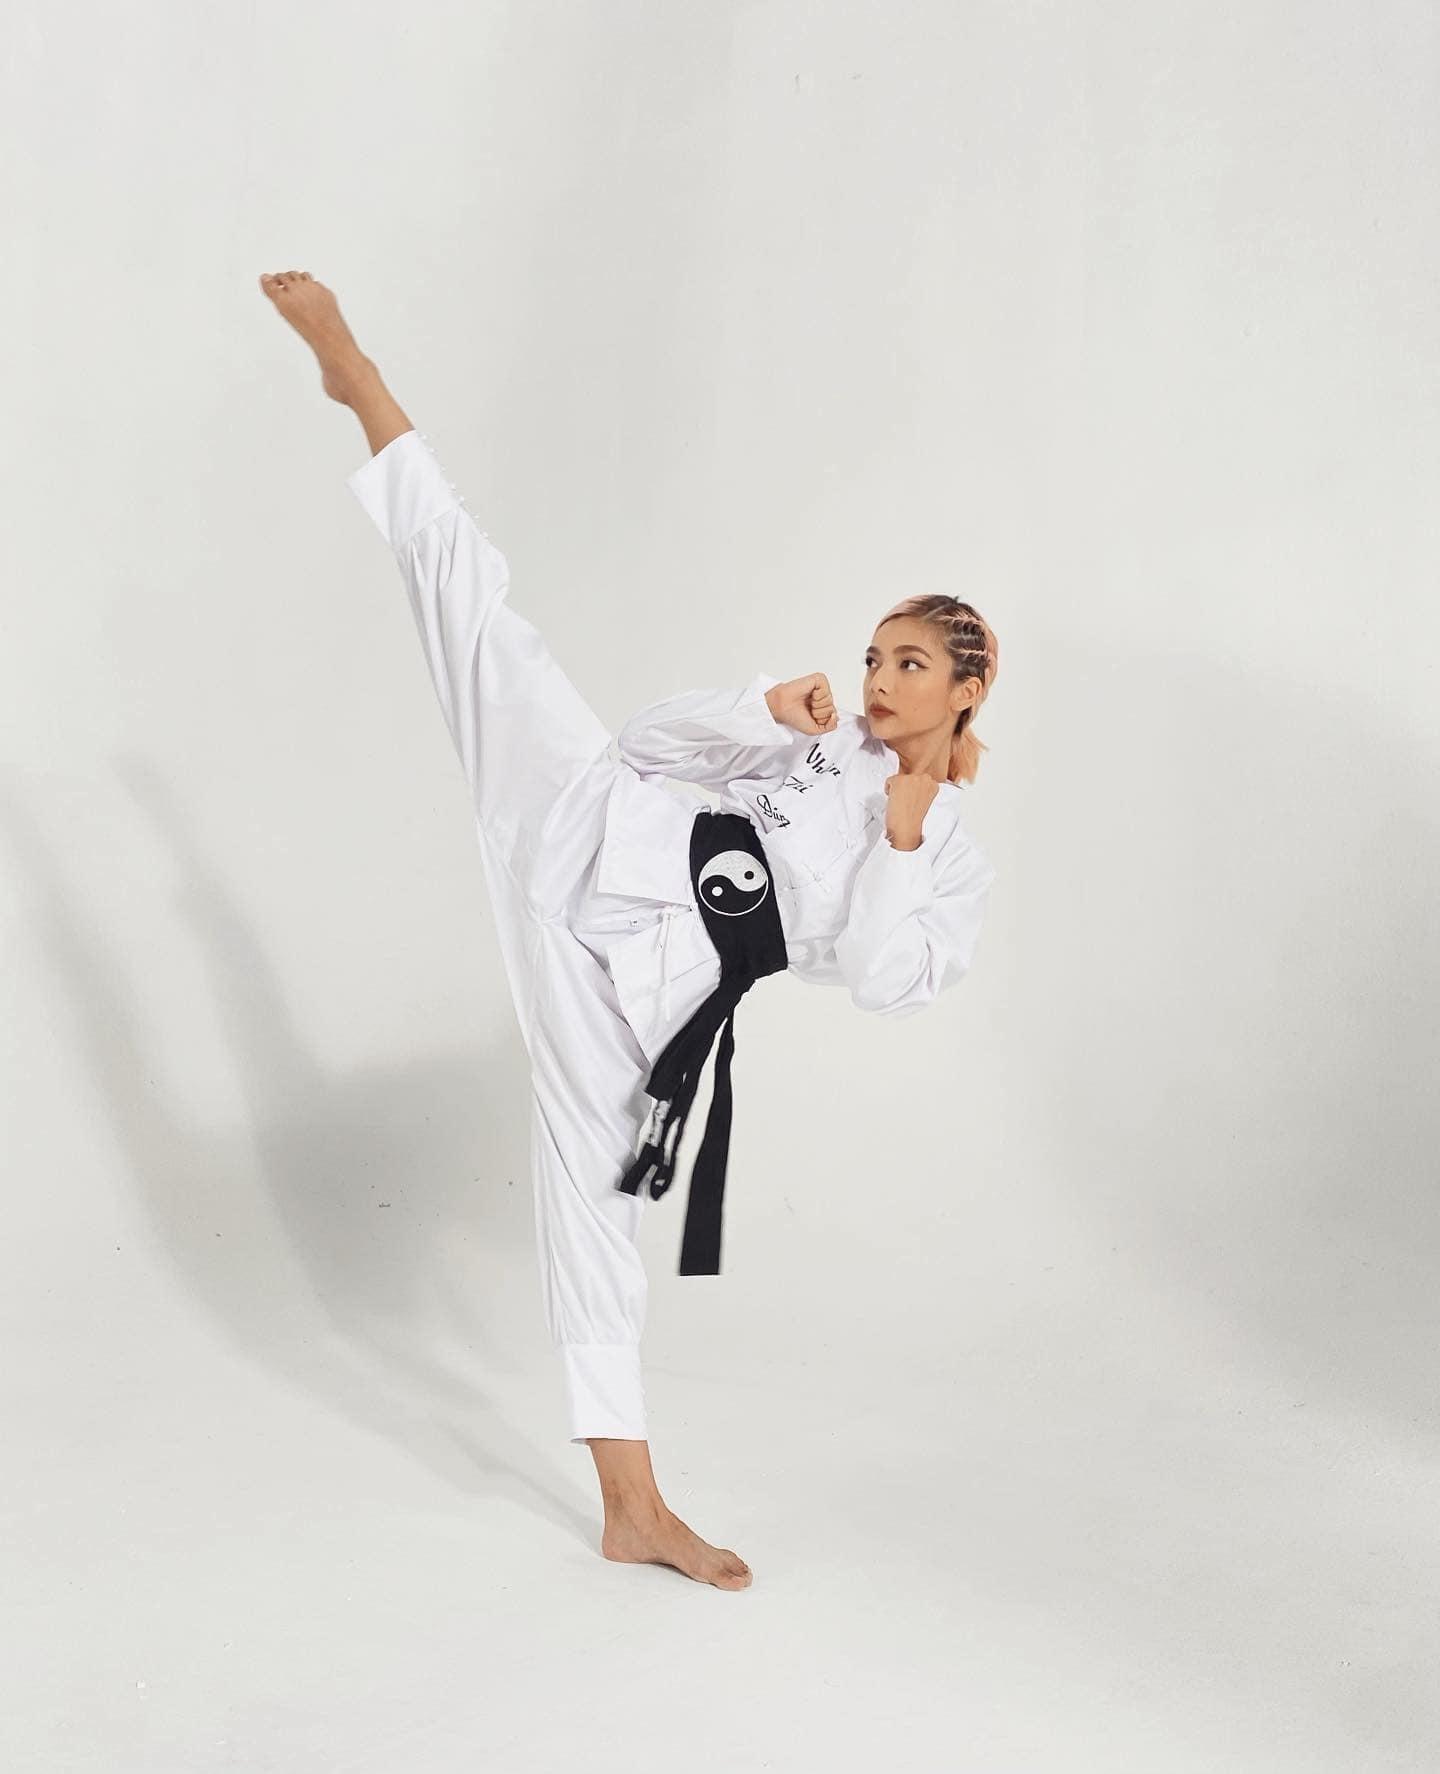 Nhan sắc nữ diễn viên 9X đai đen võ thuật là con gái hoa hậu điện ảnh